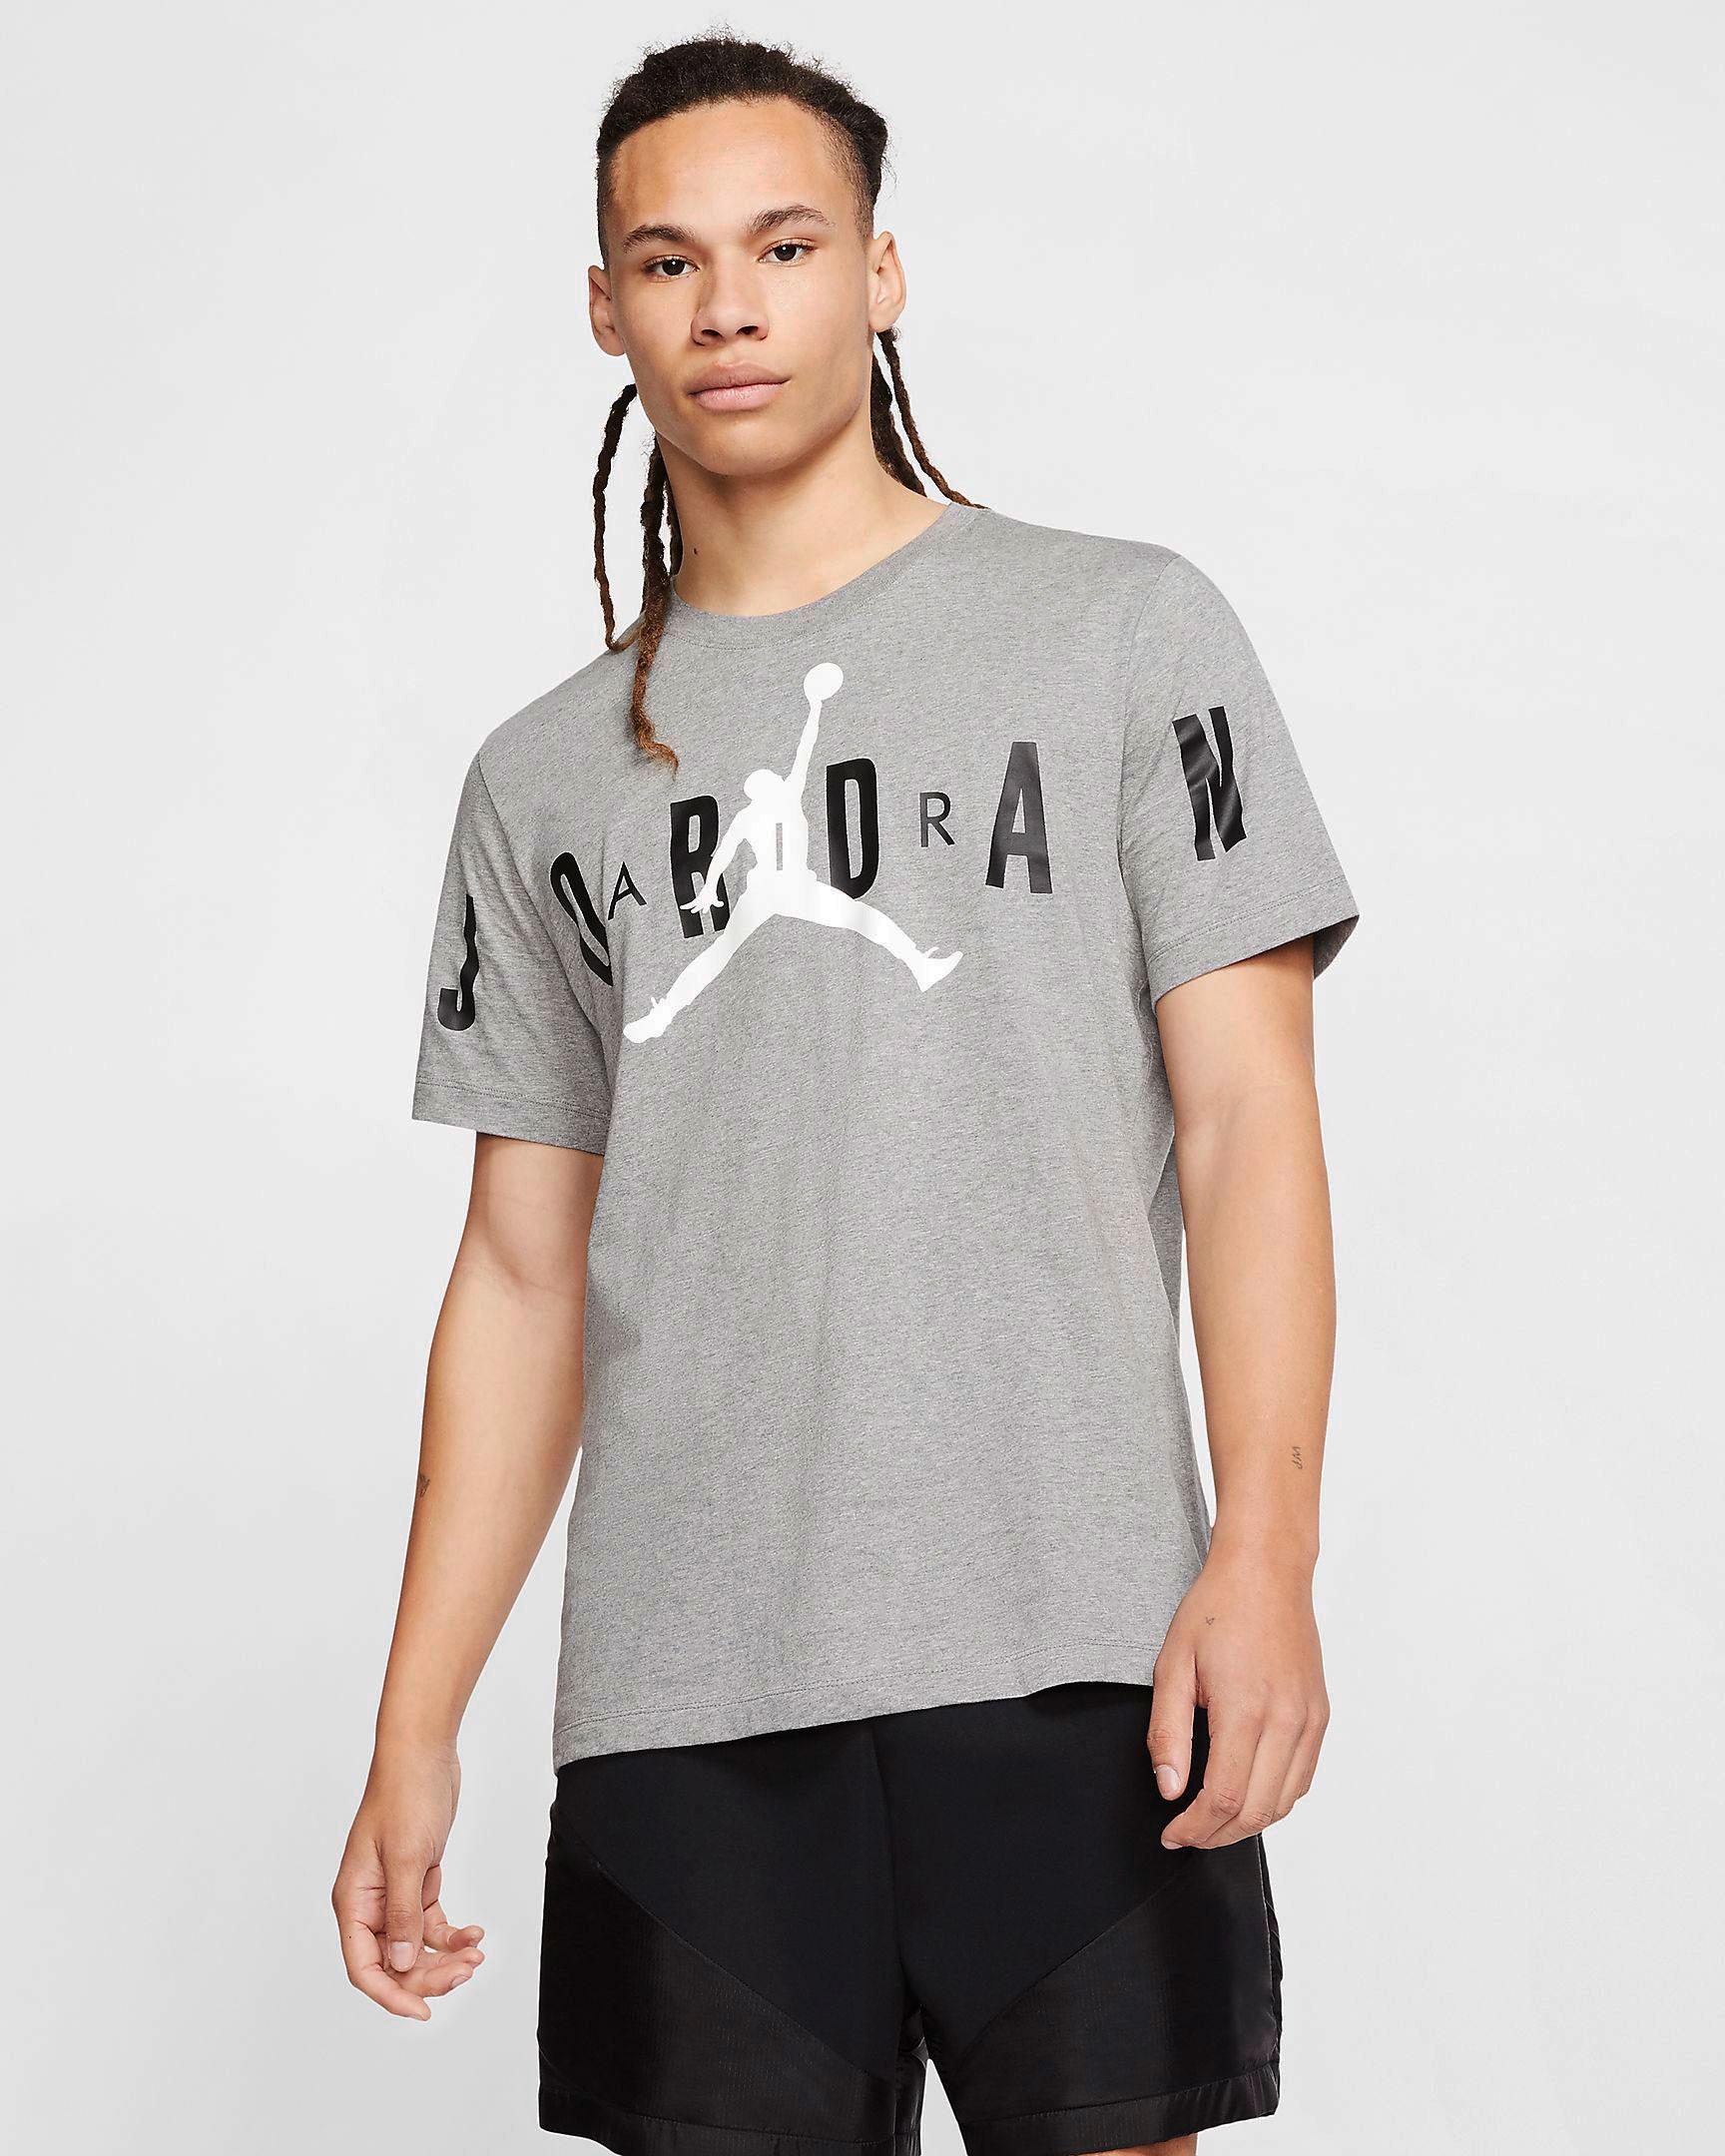 jordan-3-blue-cement-t-shirt-match